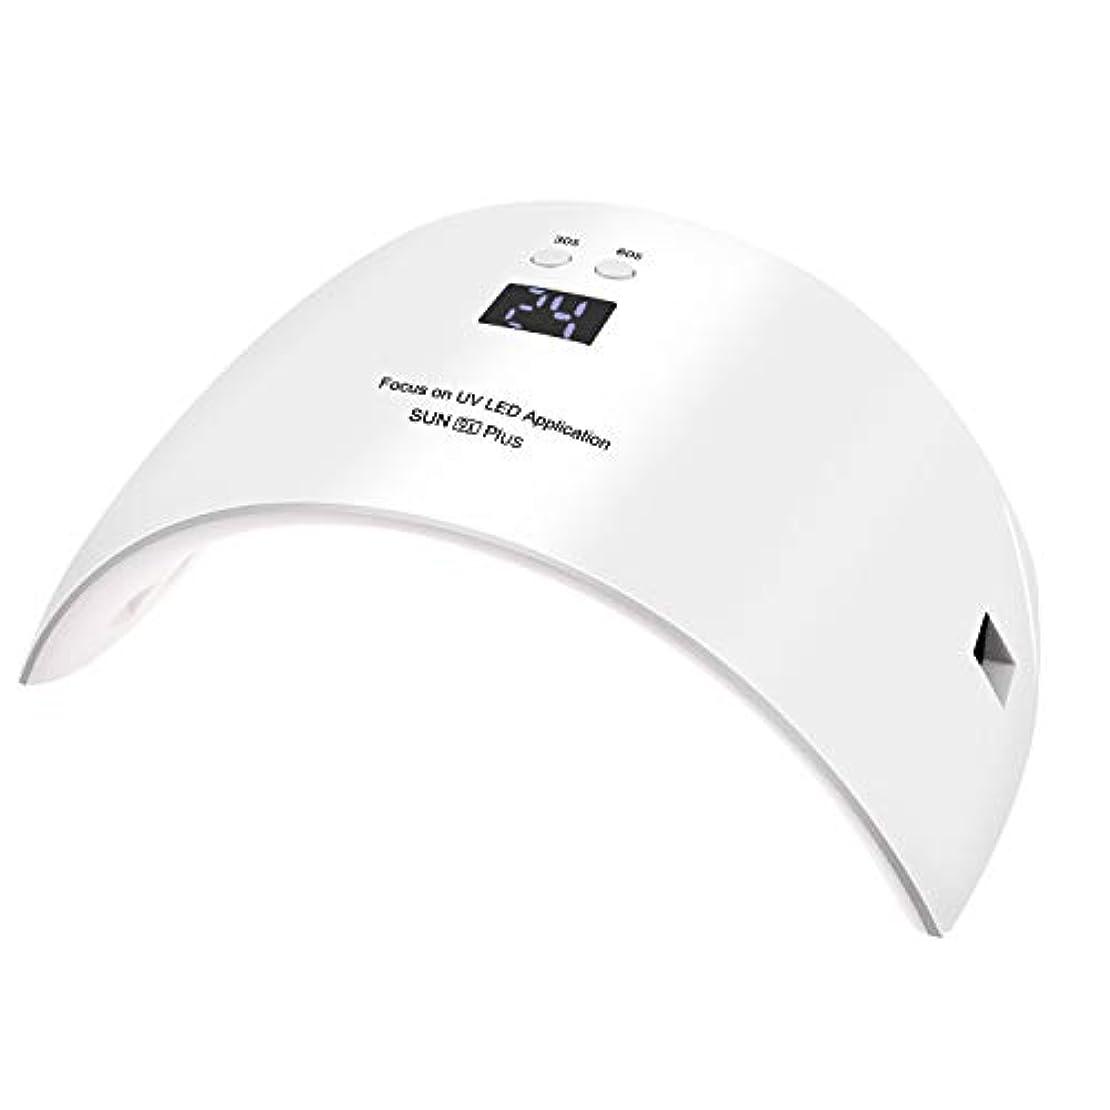 地下鉄入場後世Heshare LED ネイルドライヤー 36W UVライト レジン用 UV ネイルライト 硬化用 セルフネイル タイマー機能 自動センサー機能 USB式 日本語説明書付き (36w)